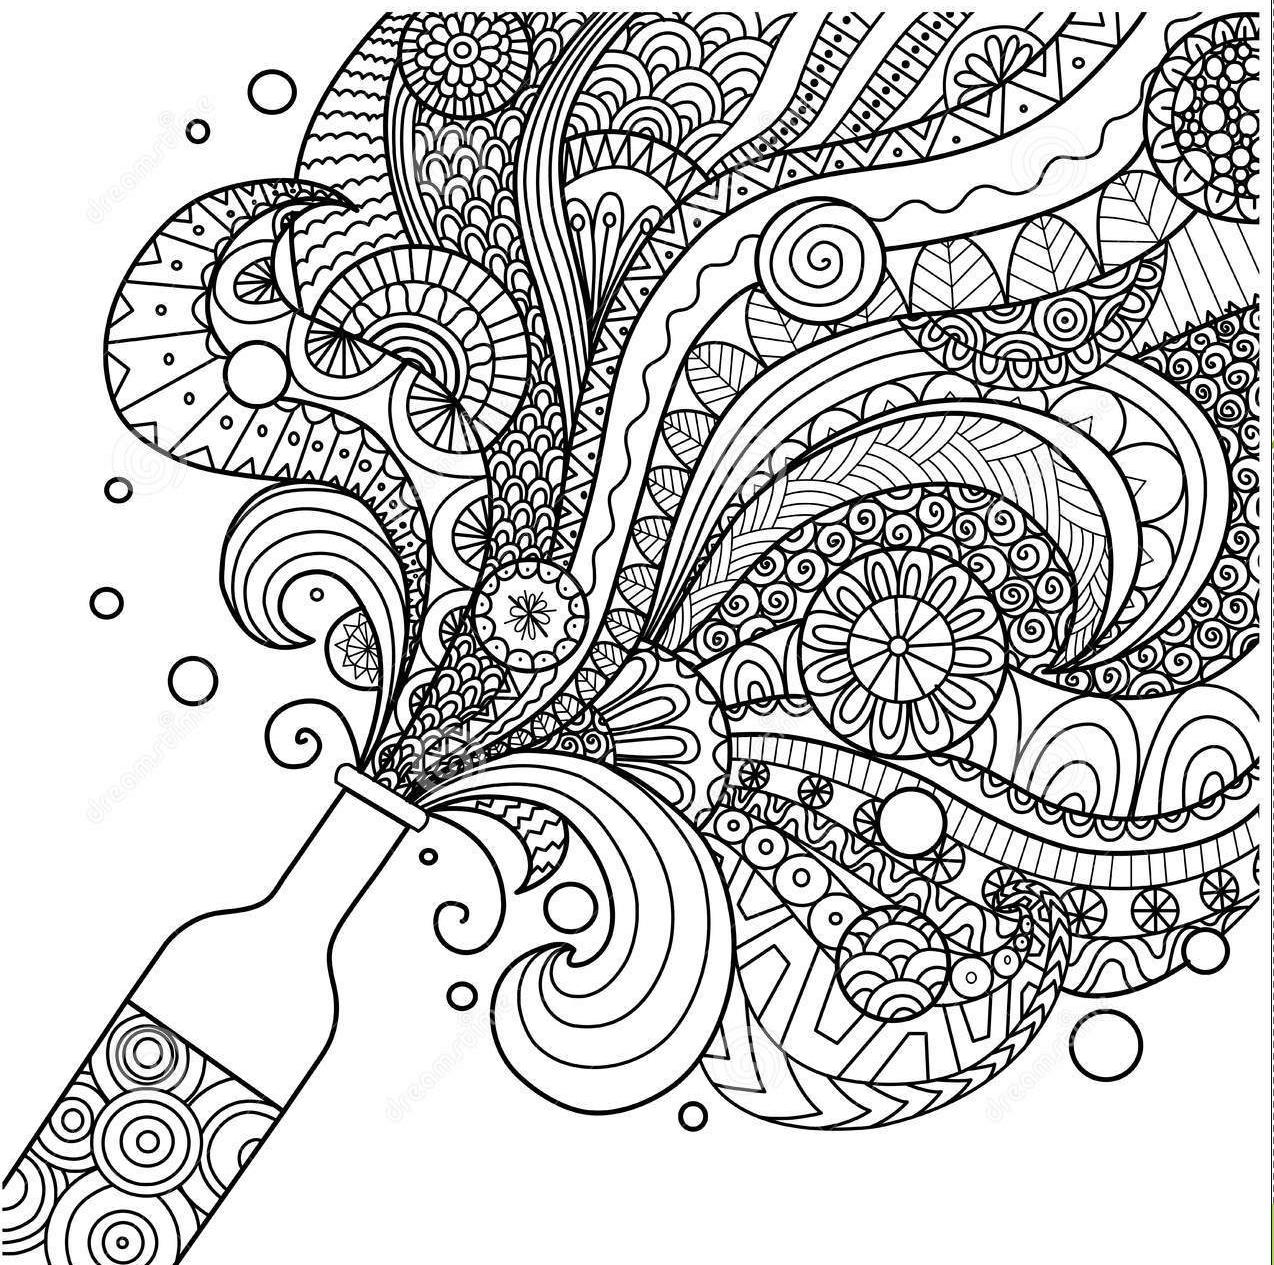 champagne-bottle-line-art-design-coloring-book-adult-poster-card-design-element-69830819.jpg